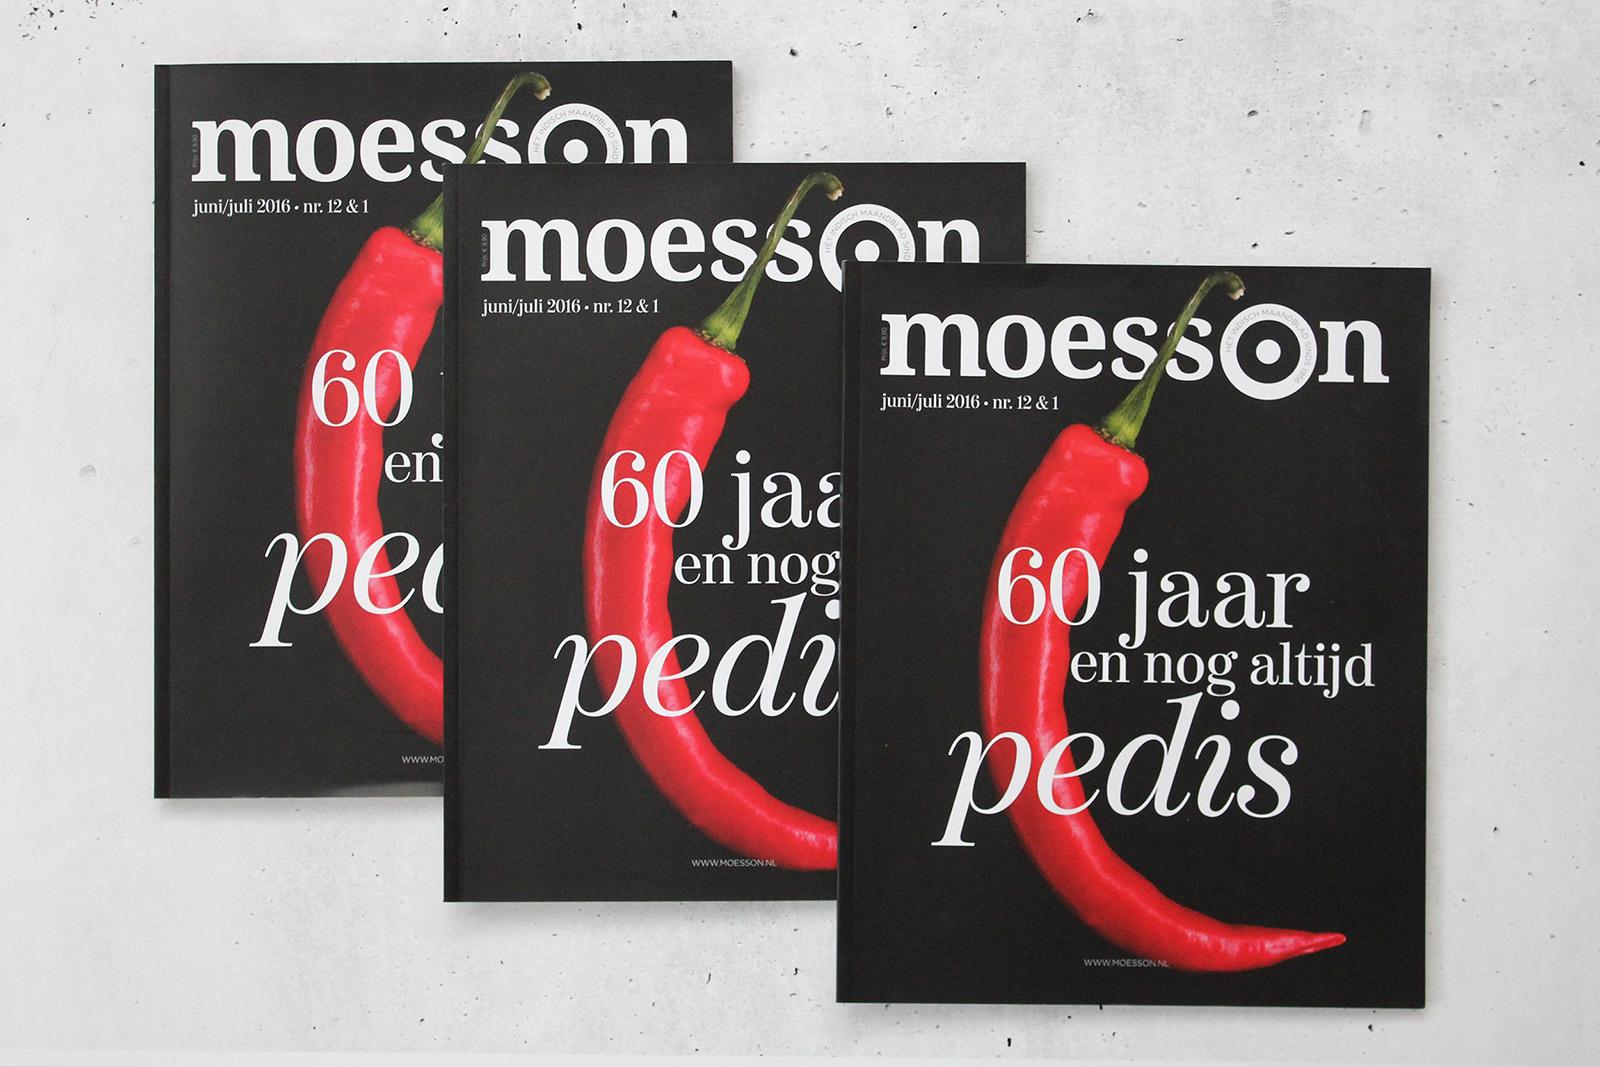 MoessonRestyling_1